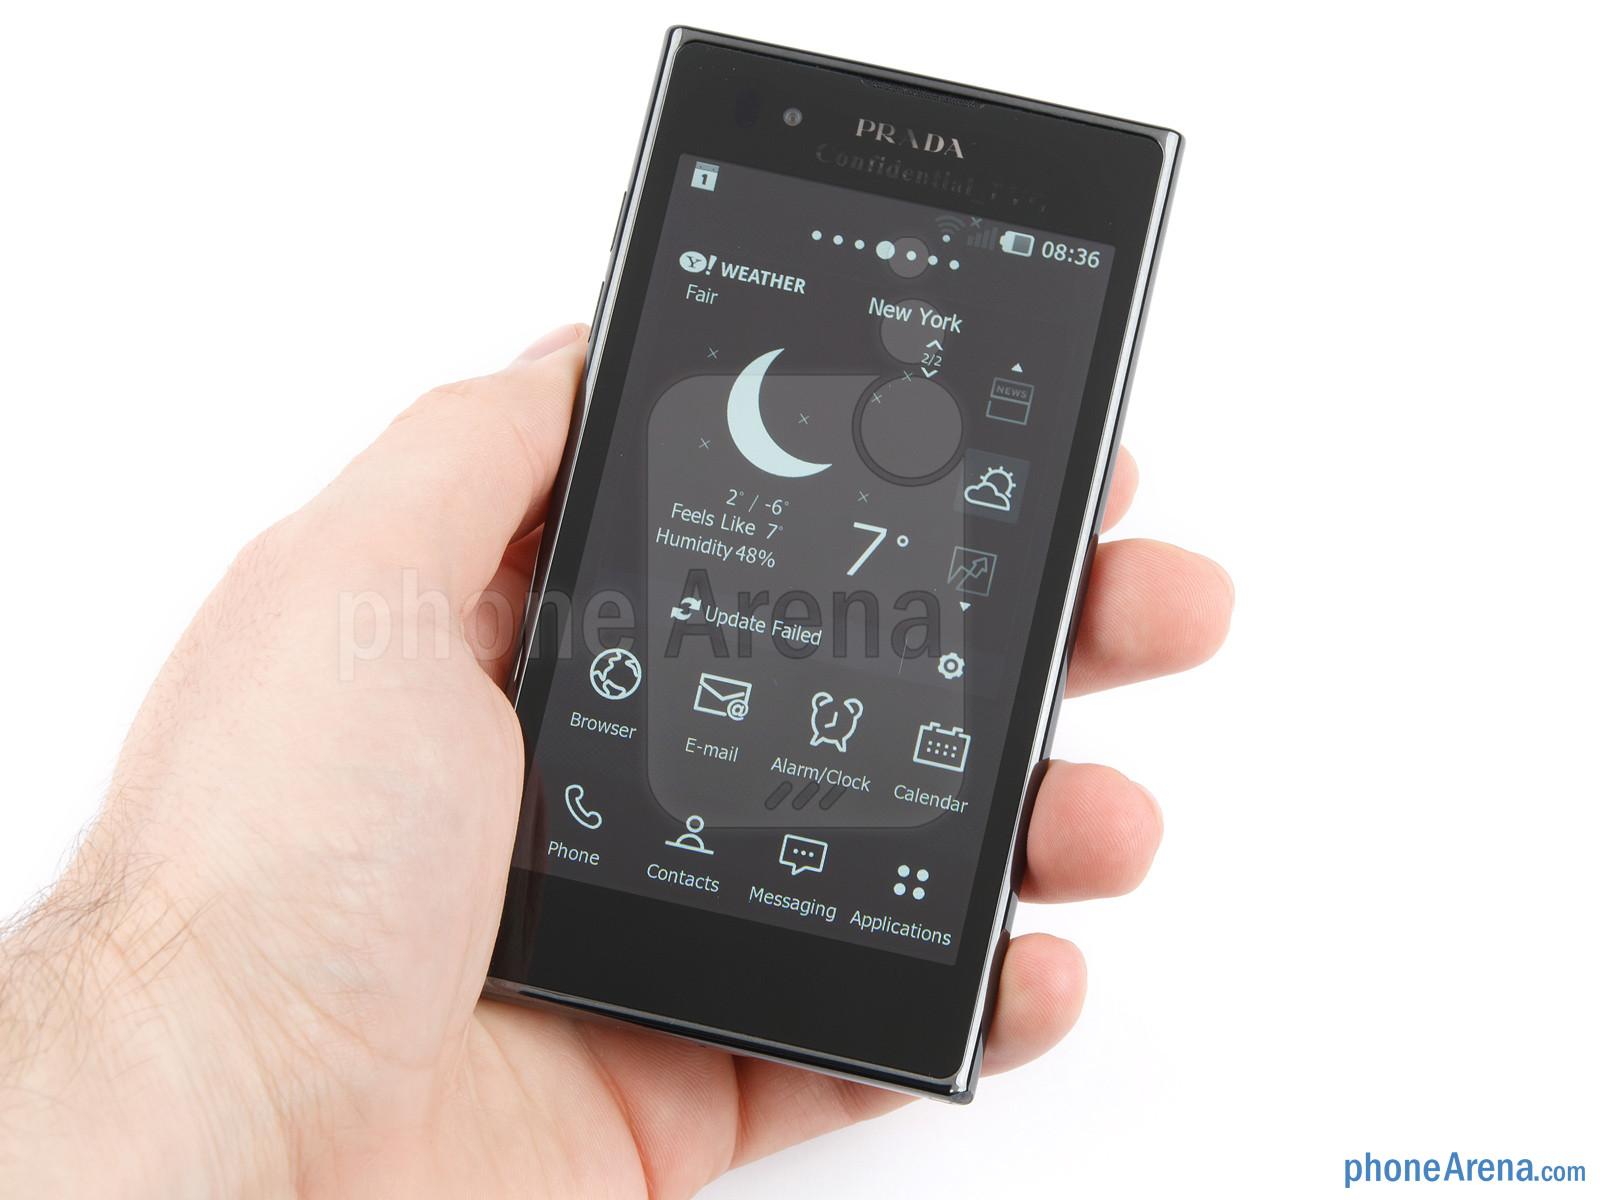 LG Prada 3 0 Review